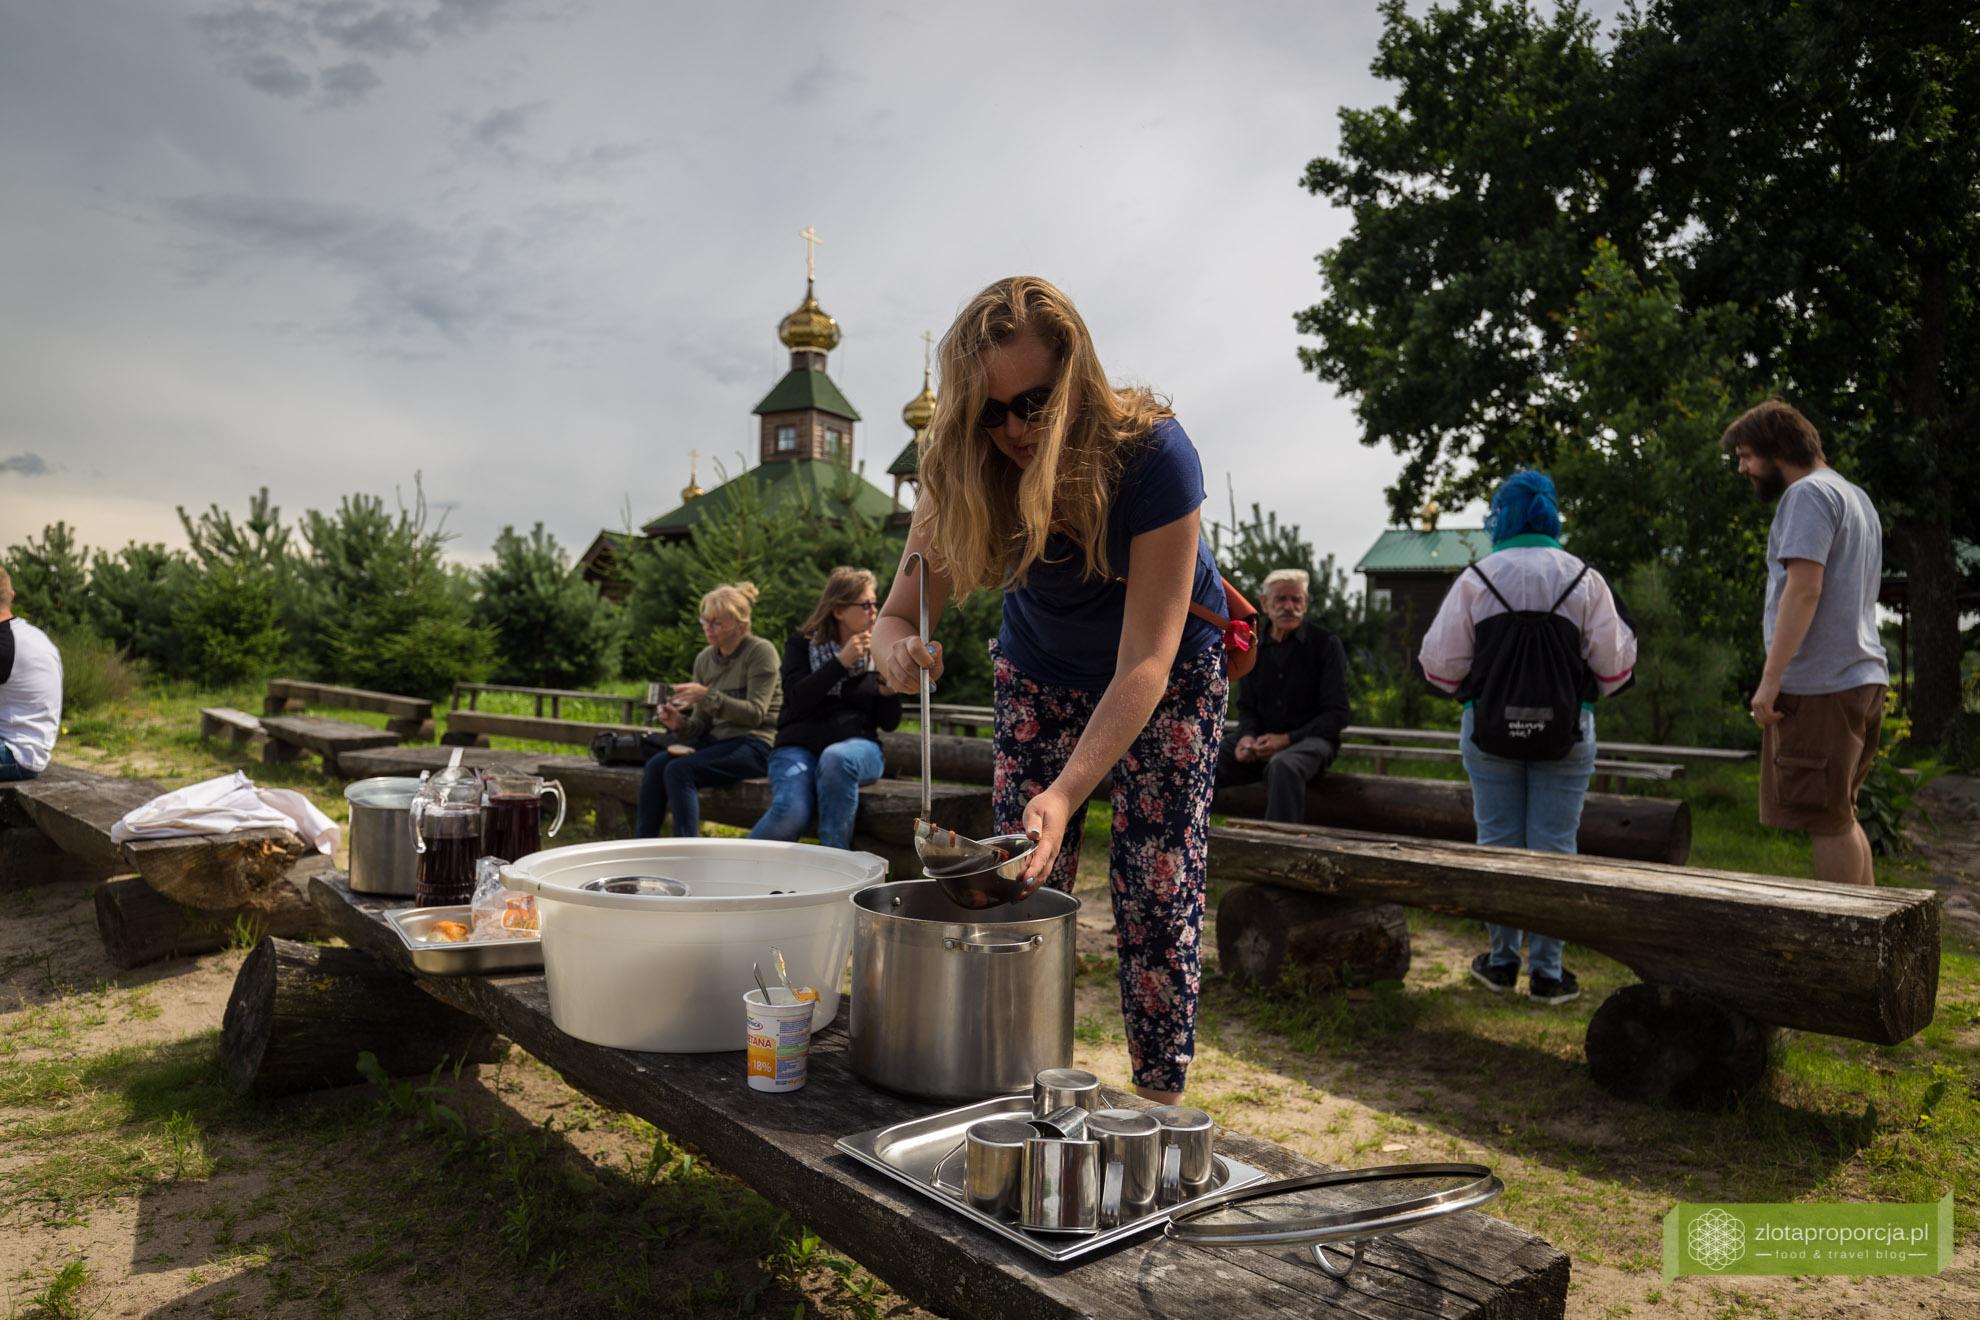 Skit w Odrynkach, Odrynki, Podlasie, pustelnia na Podlasiu, prawosławna pustelnia, atrakcje Podlasia